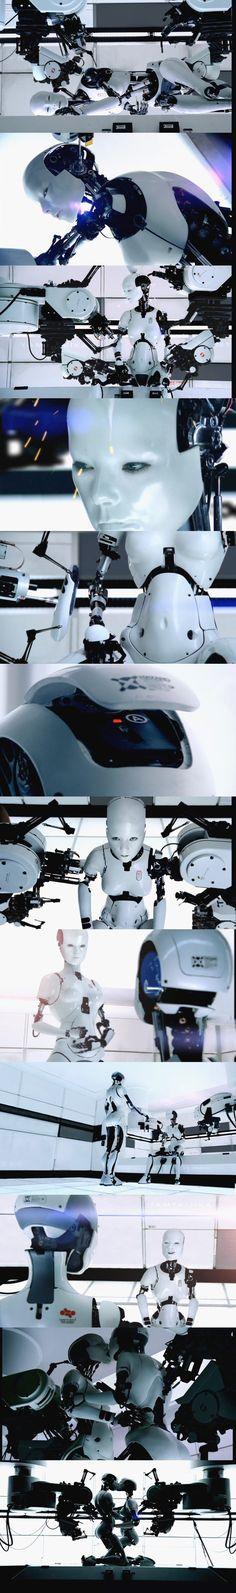 Björk - All is Full of Love, Chris Cunningham Blade Runner, Female Cyborg, Humanoid Robot, Mechanical Art, Tech Art, Robot Girl, Robot Design, Futuristic Design, Fantastic Art